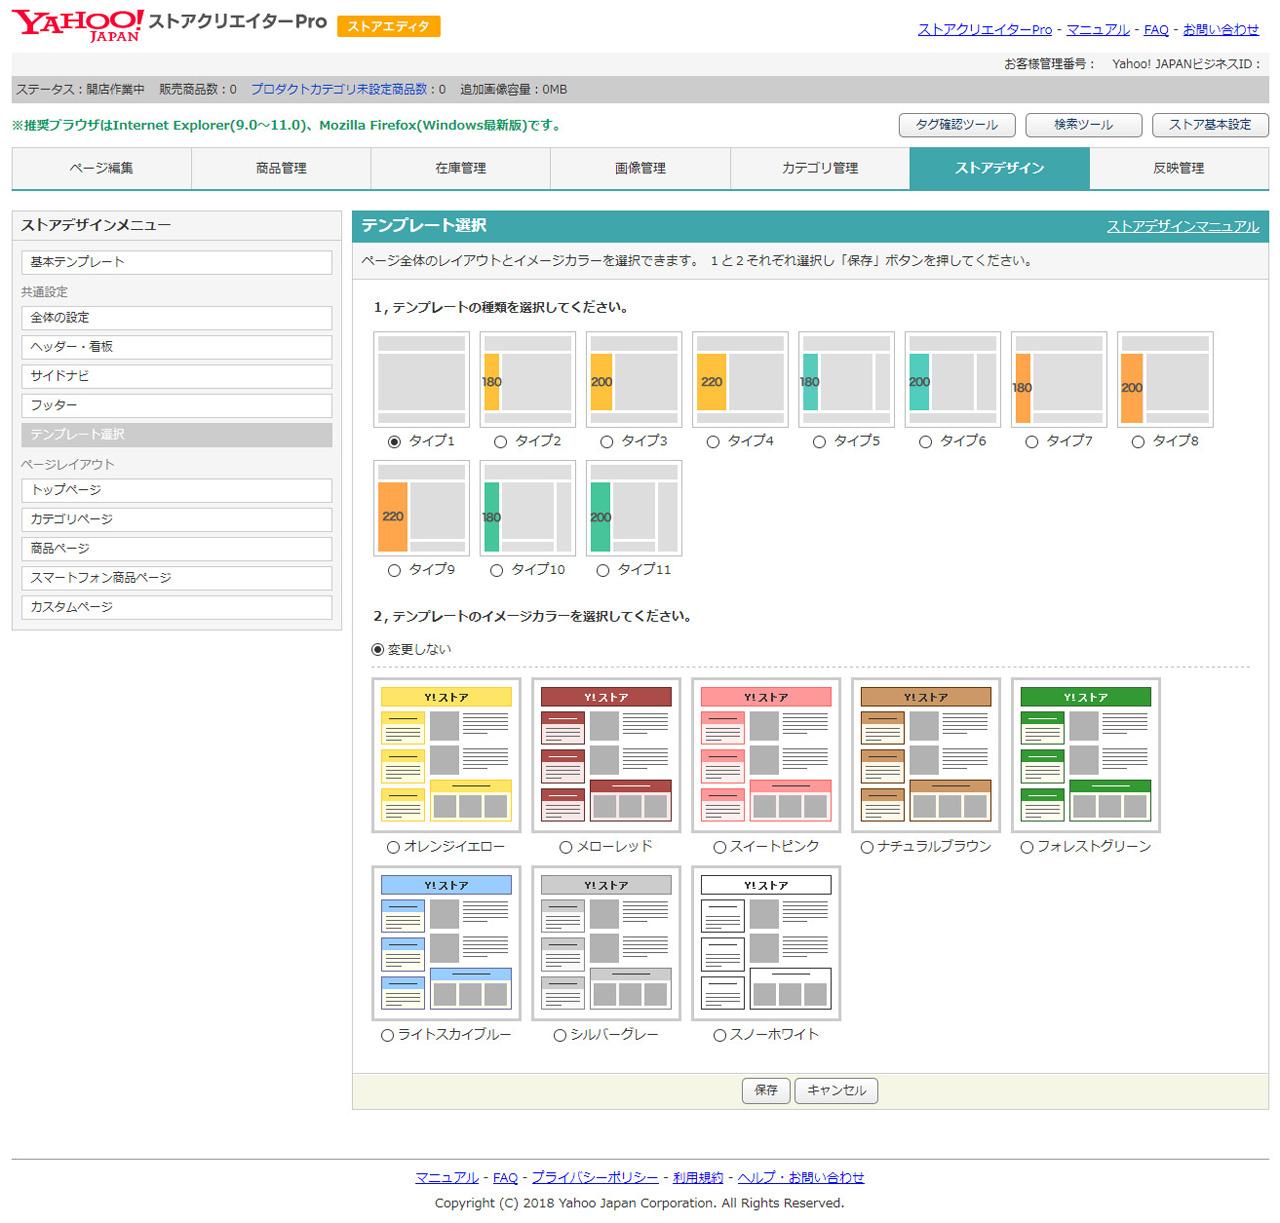 Yahooショッピングのストアデザイン画面